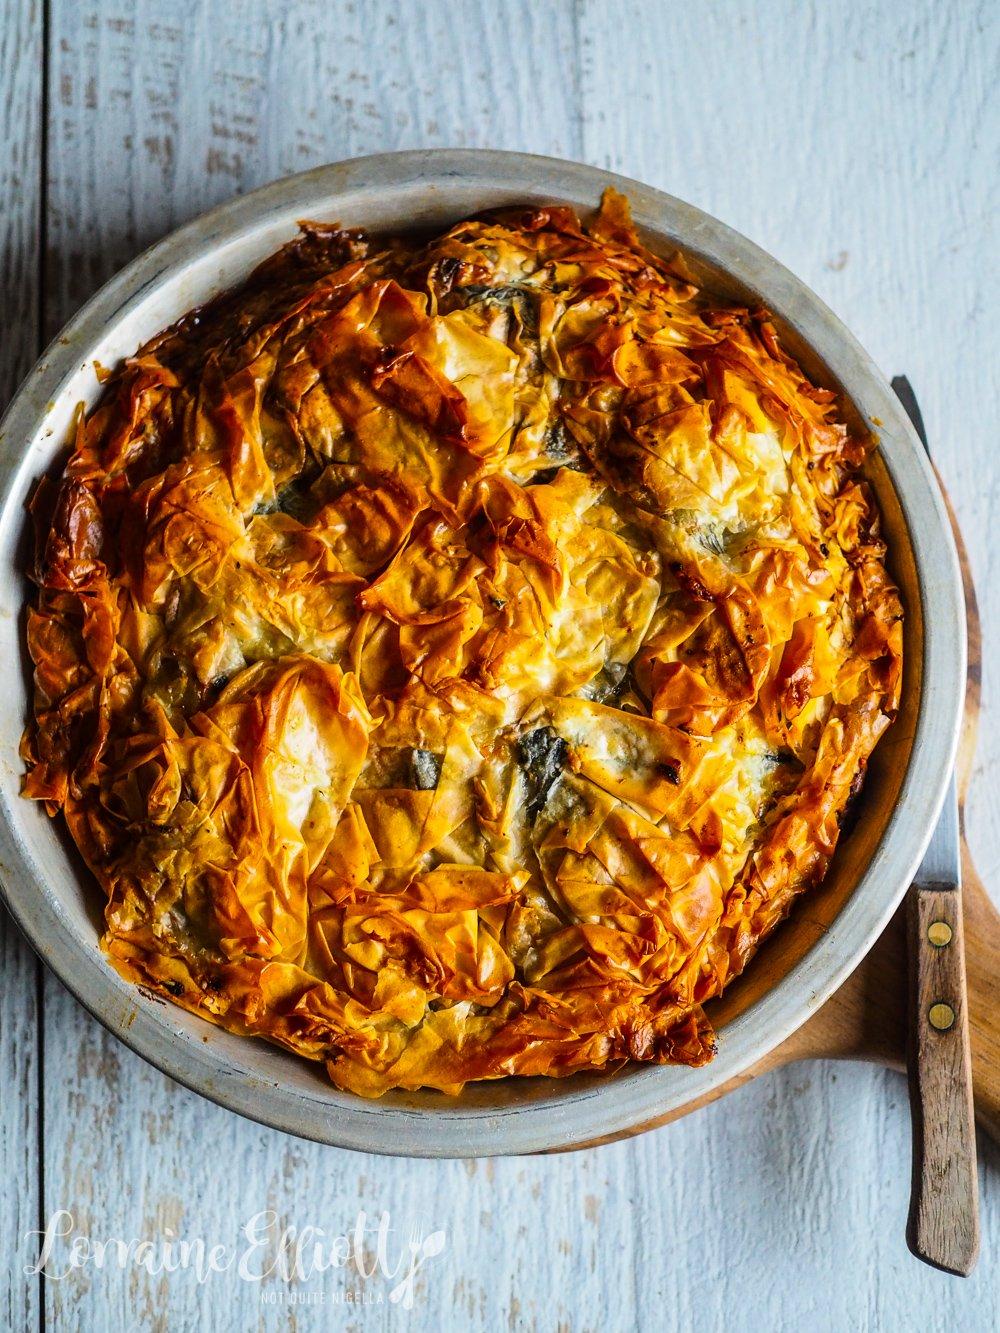 Warrigal Greens Recipes